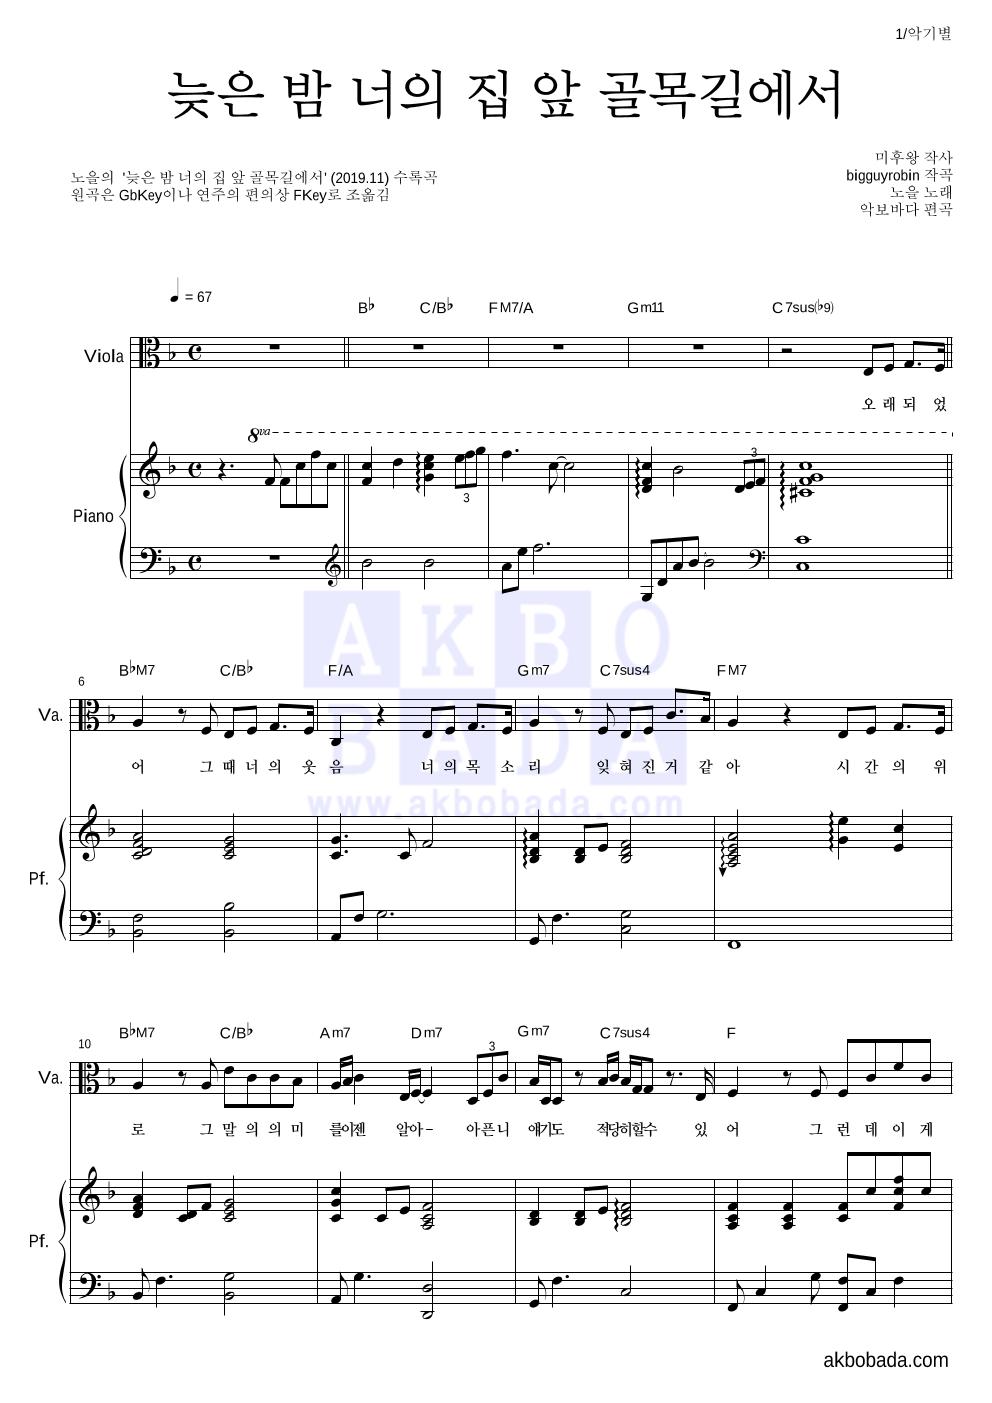 노을 - 늦은 밤 너의 집 앞 골목길에서 비올라&피아노 악보